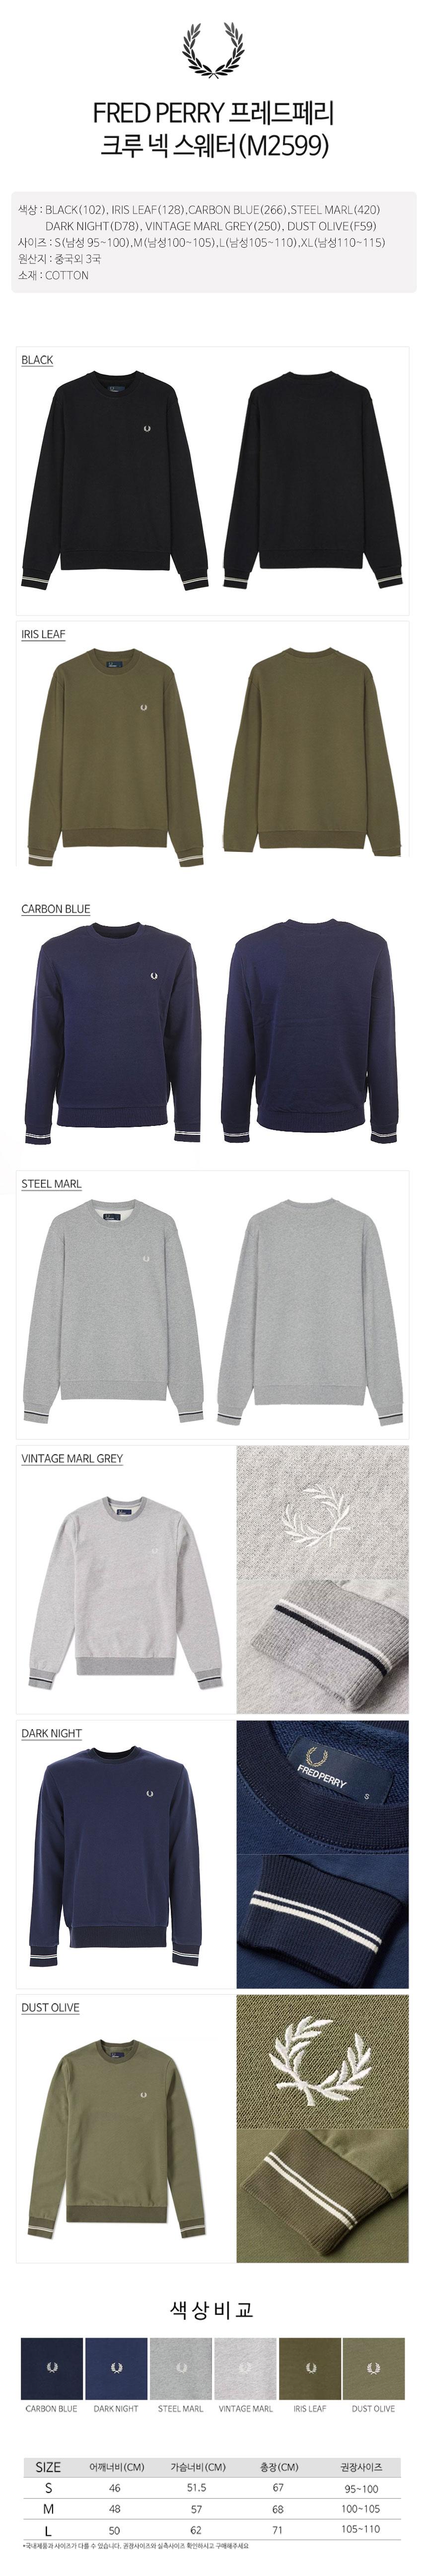 프레드페리(FRED PERRY) 크루 넥 스웨터 M2599